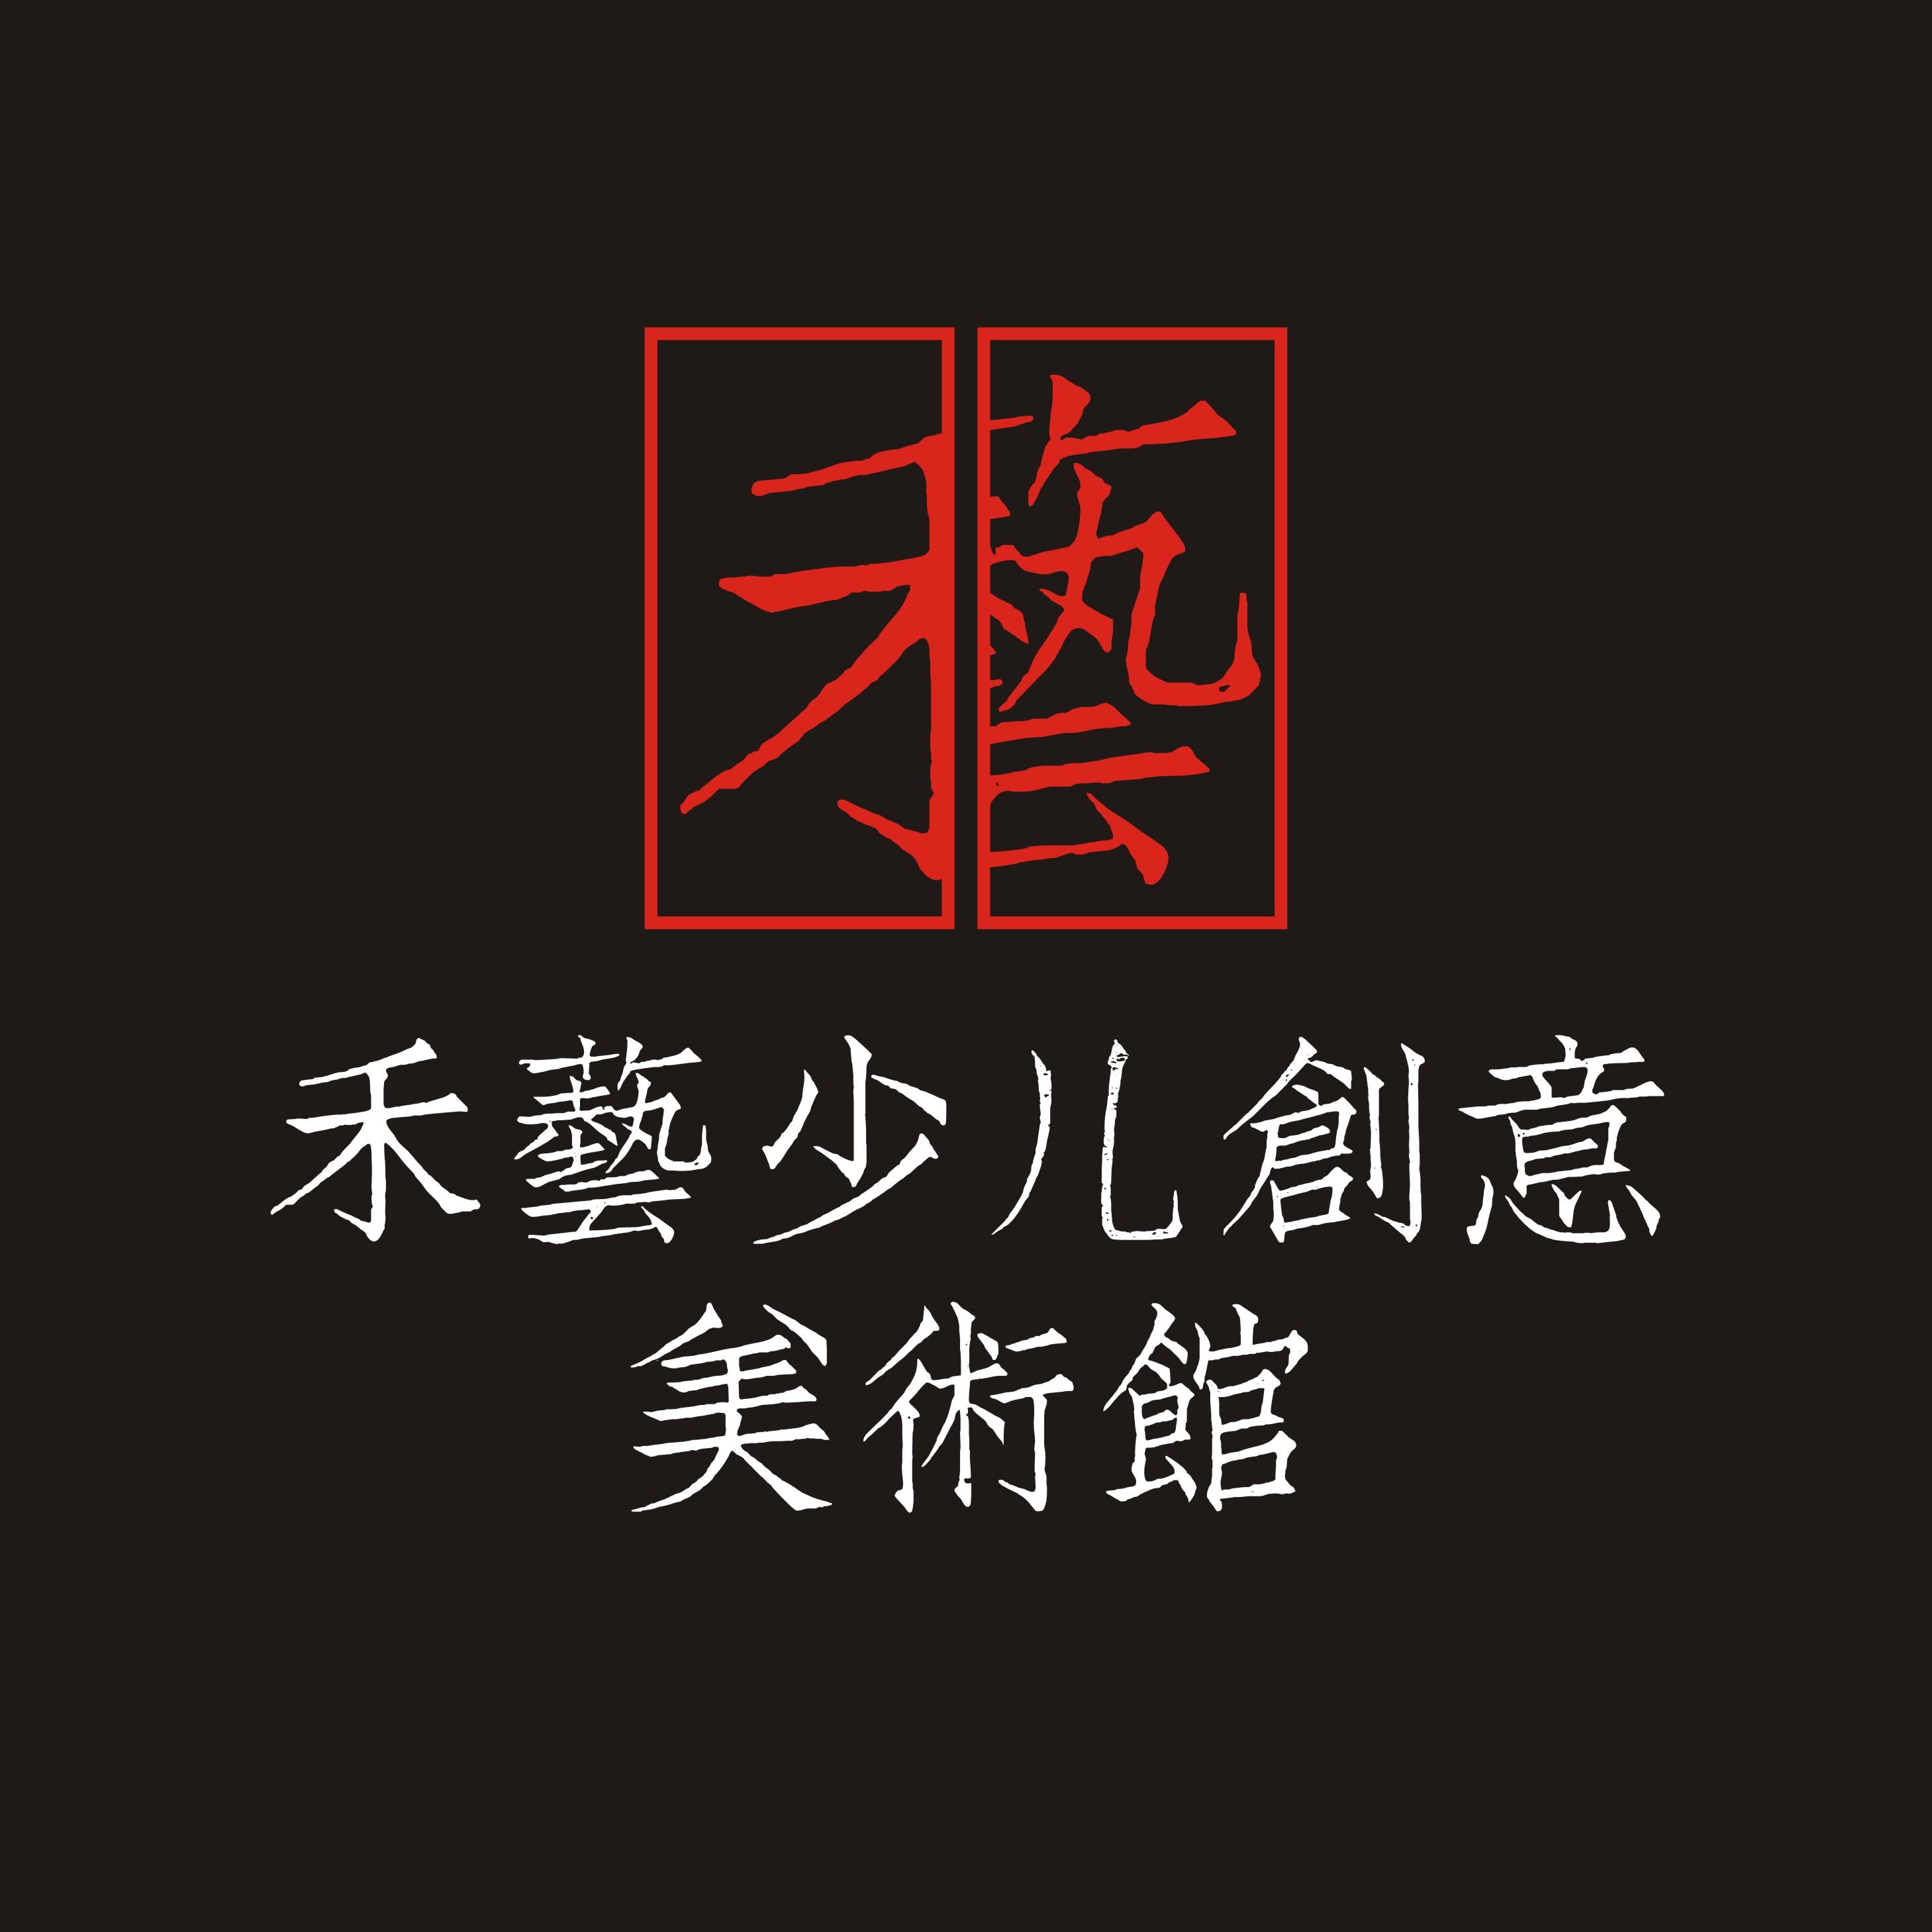 小小美术馆的logo设计图片